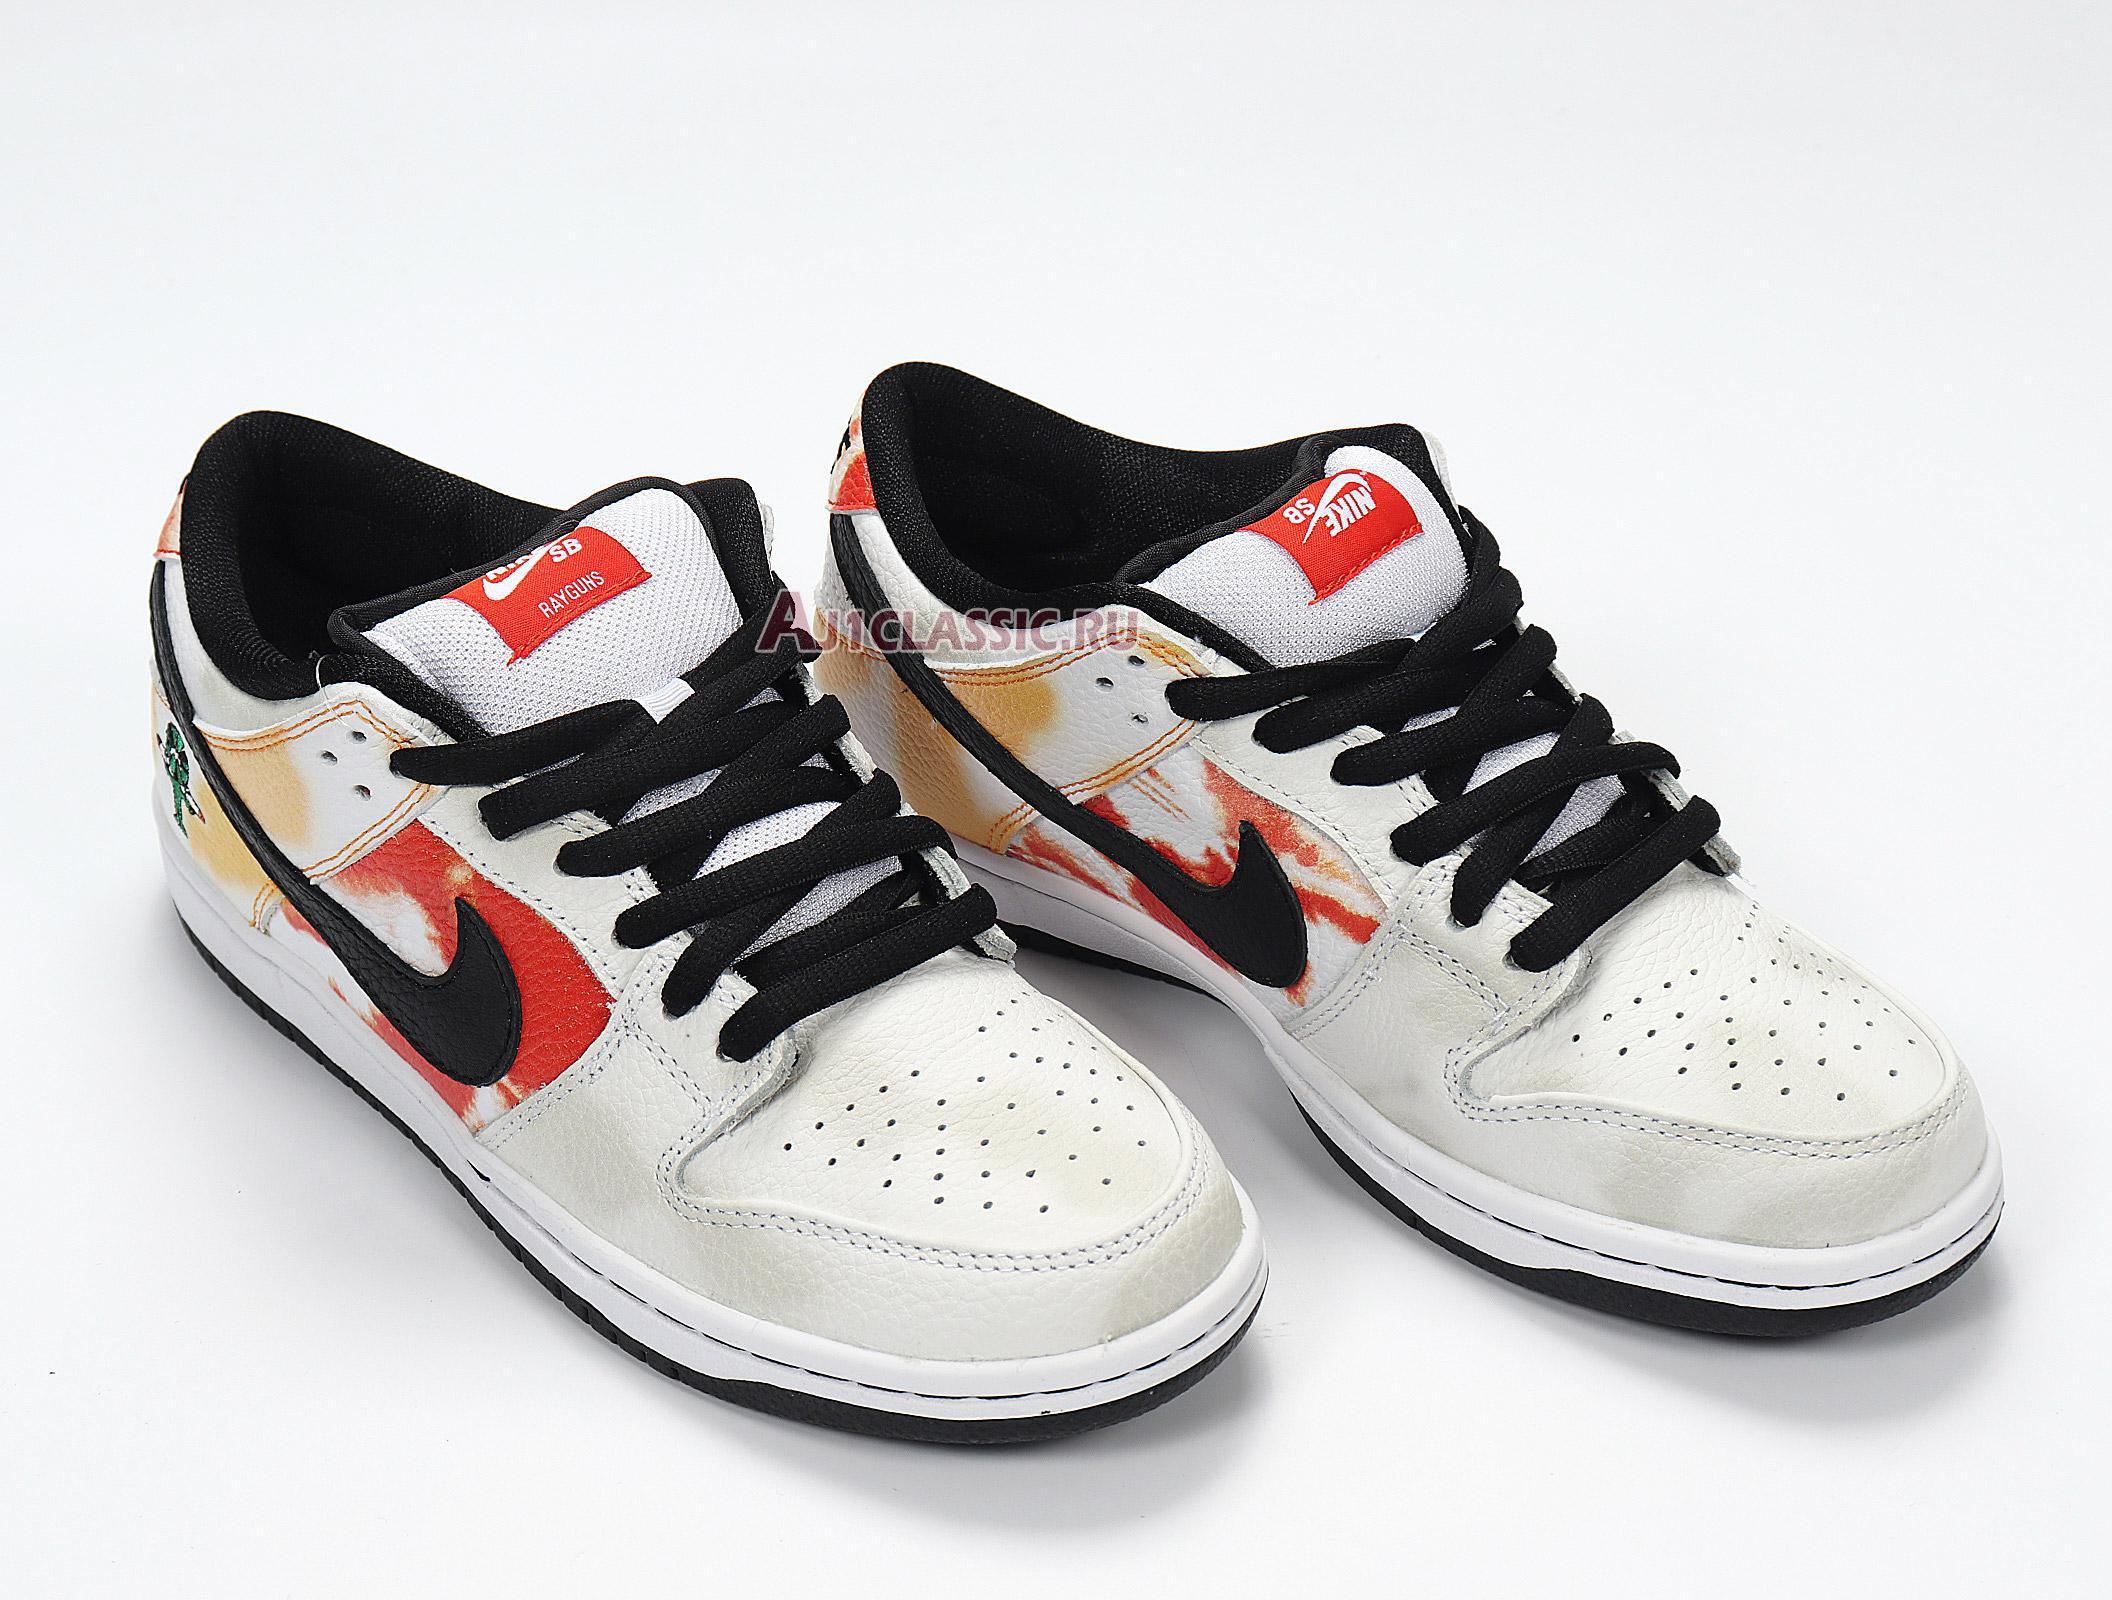 """Nike Dunk SB Low """"Tie-Dye Raygun - White"""" BQ6832-101"""